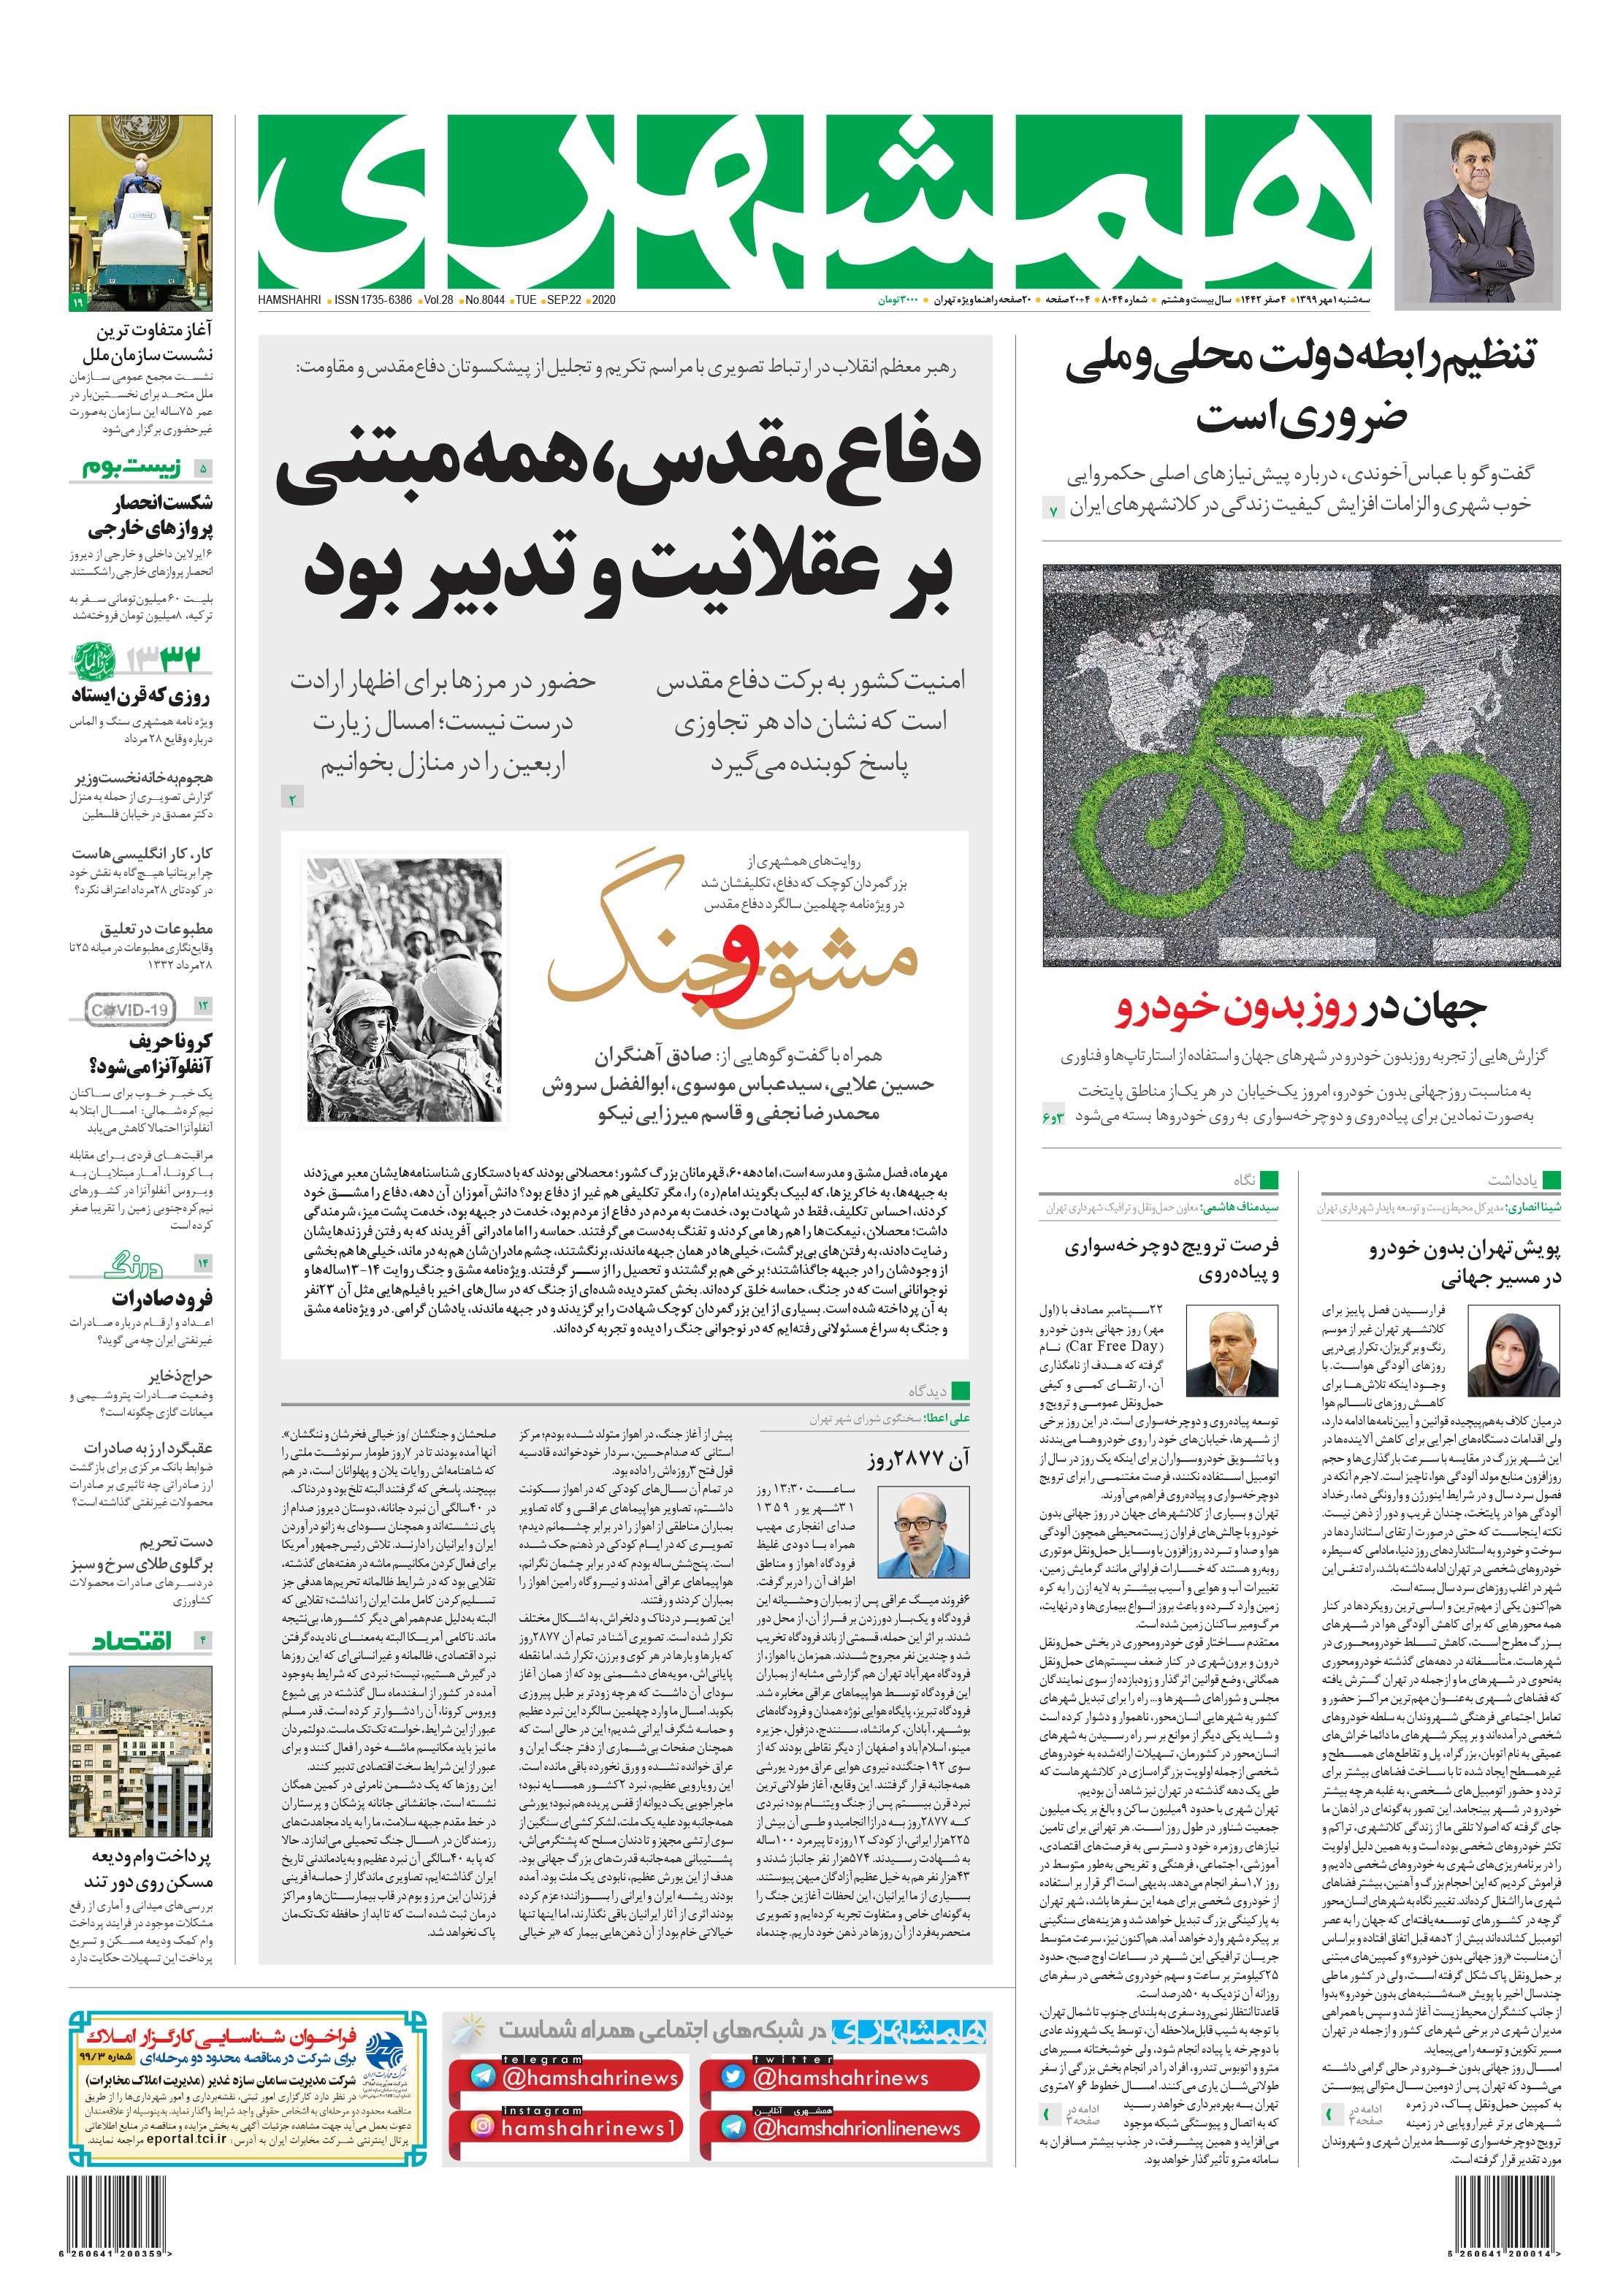 صفحه اول سه شنبه 1 مهر 1399